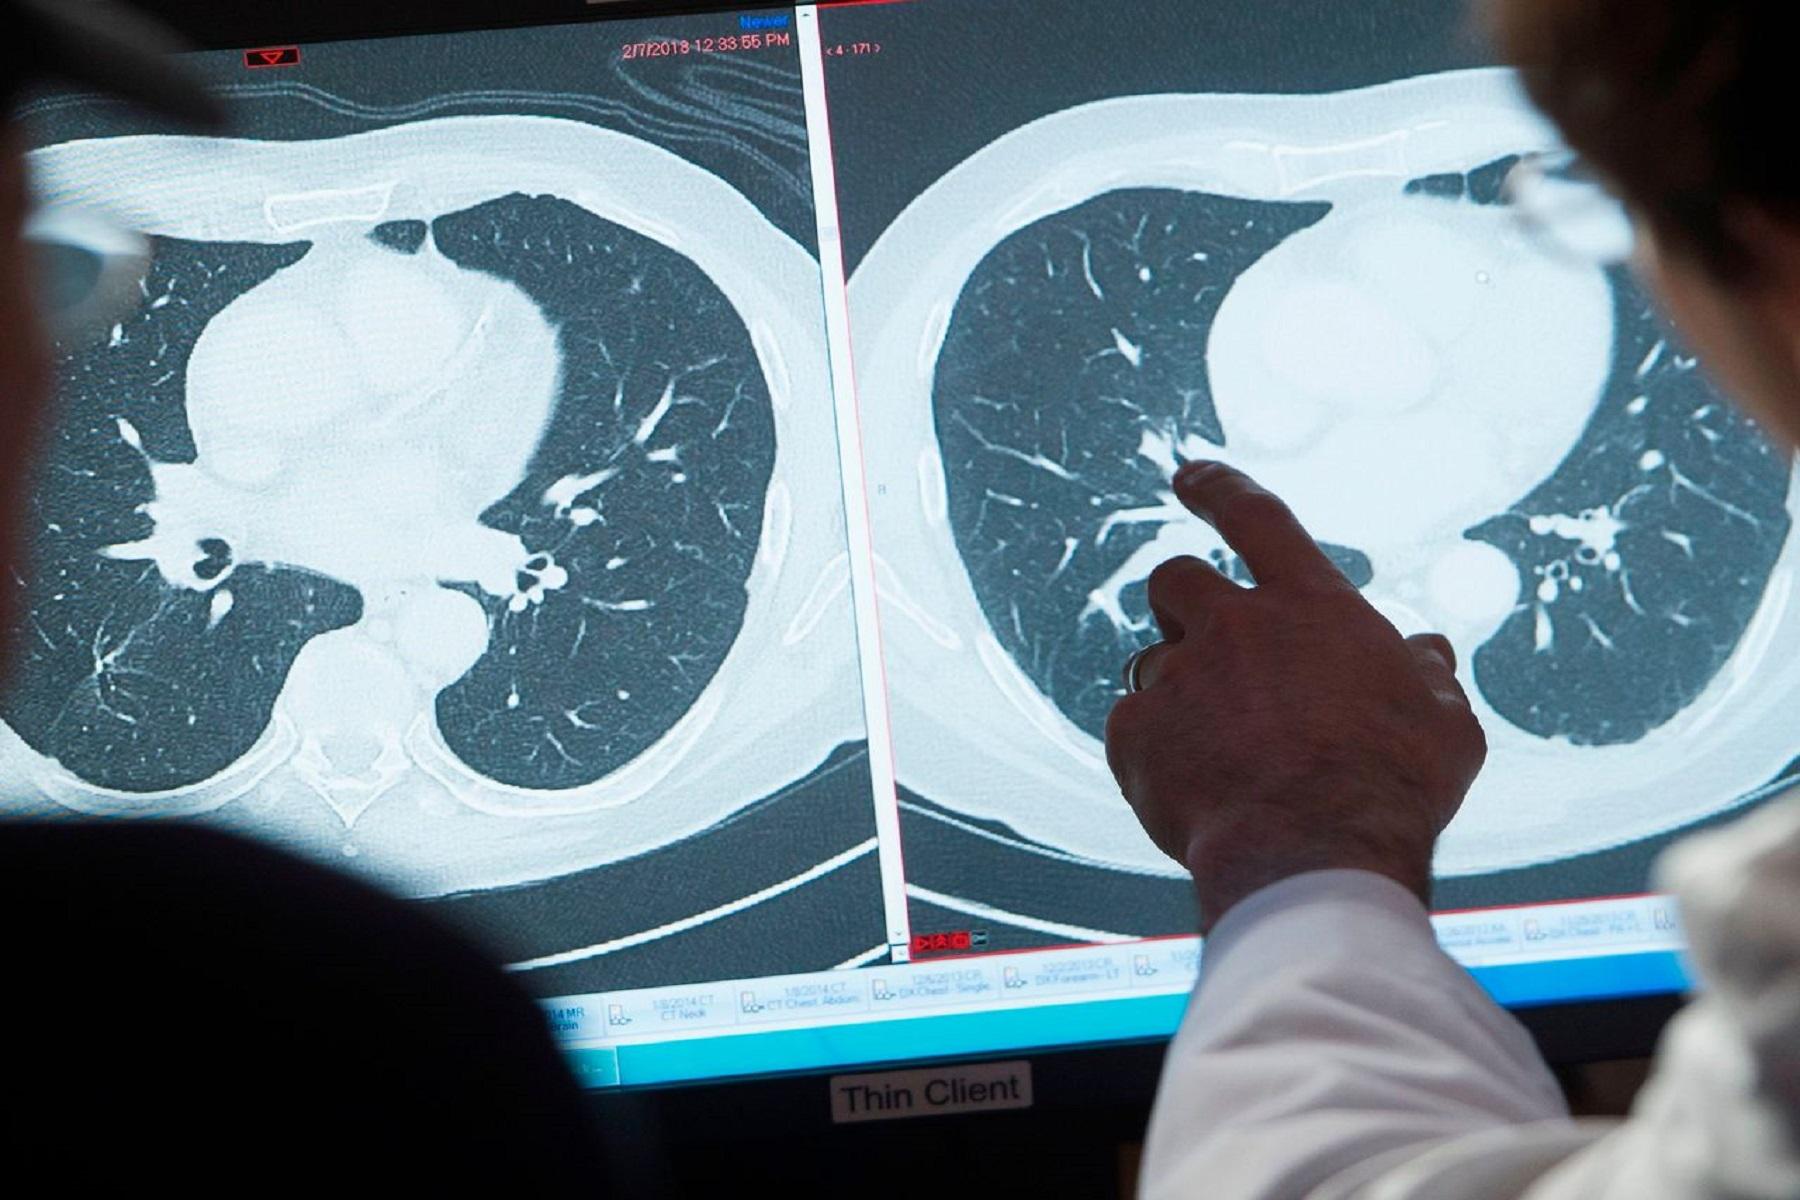 Εθνικό Ινστιτούτο Καρκίνου: Συνολικά τα ποσοστά θανάτου από καρκίνο μειώνονται στις ΗΠΑ, σύμφωνα με έκθεση